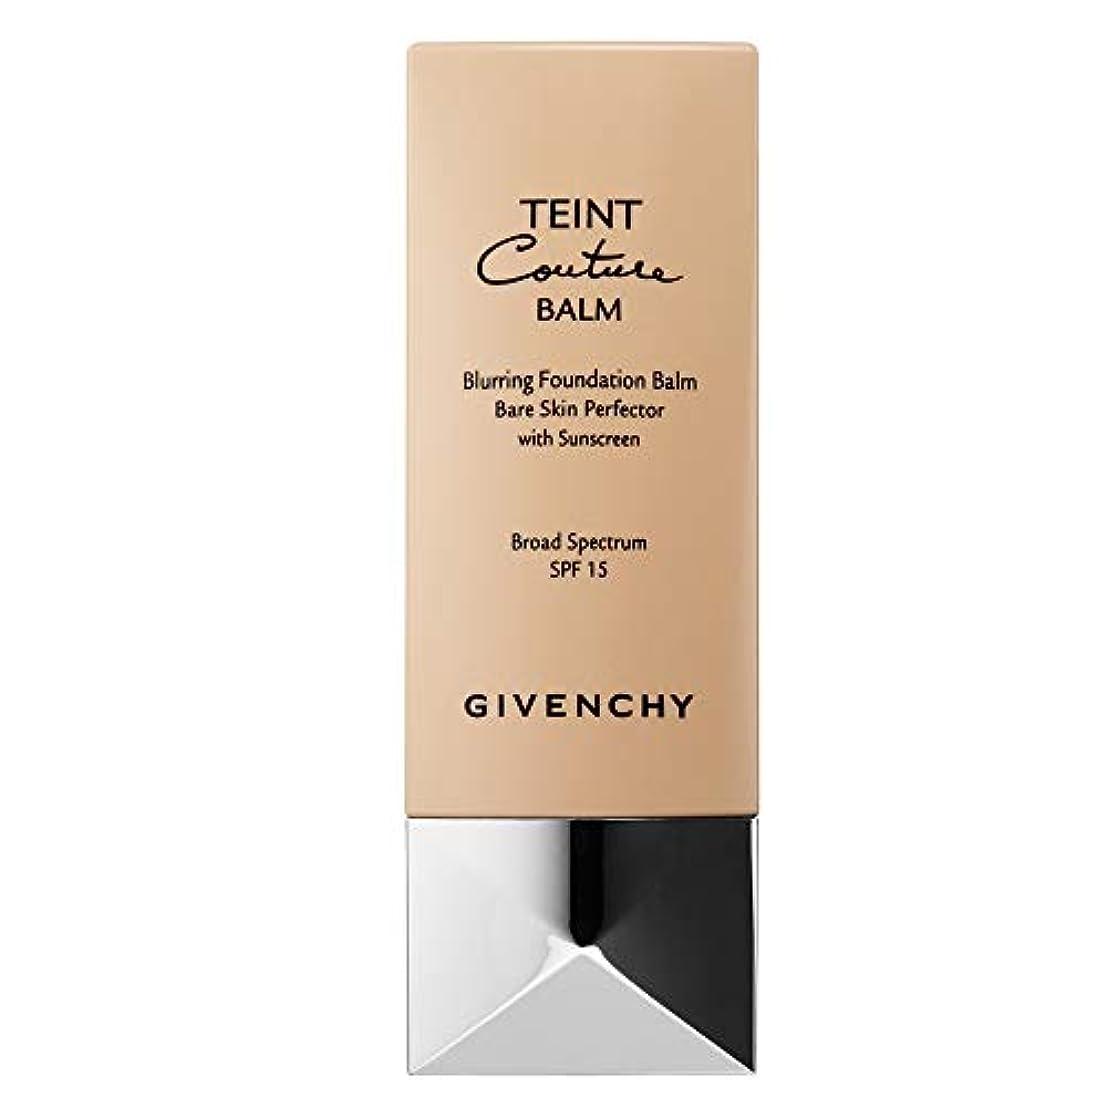 リーガン結果としてジバンシィ Teint Couture Blurring Foundation Balm SPF 15 - # 1 Nude Porcelain 30ml/1oz並行輸入品